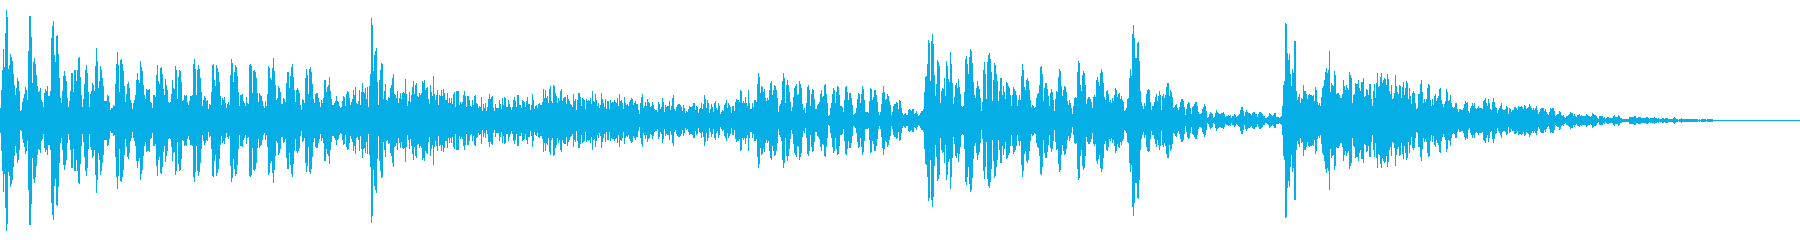 スラップベースとドラムの効果音用素材。の再生済みの波形